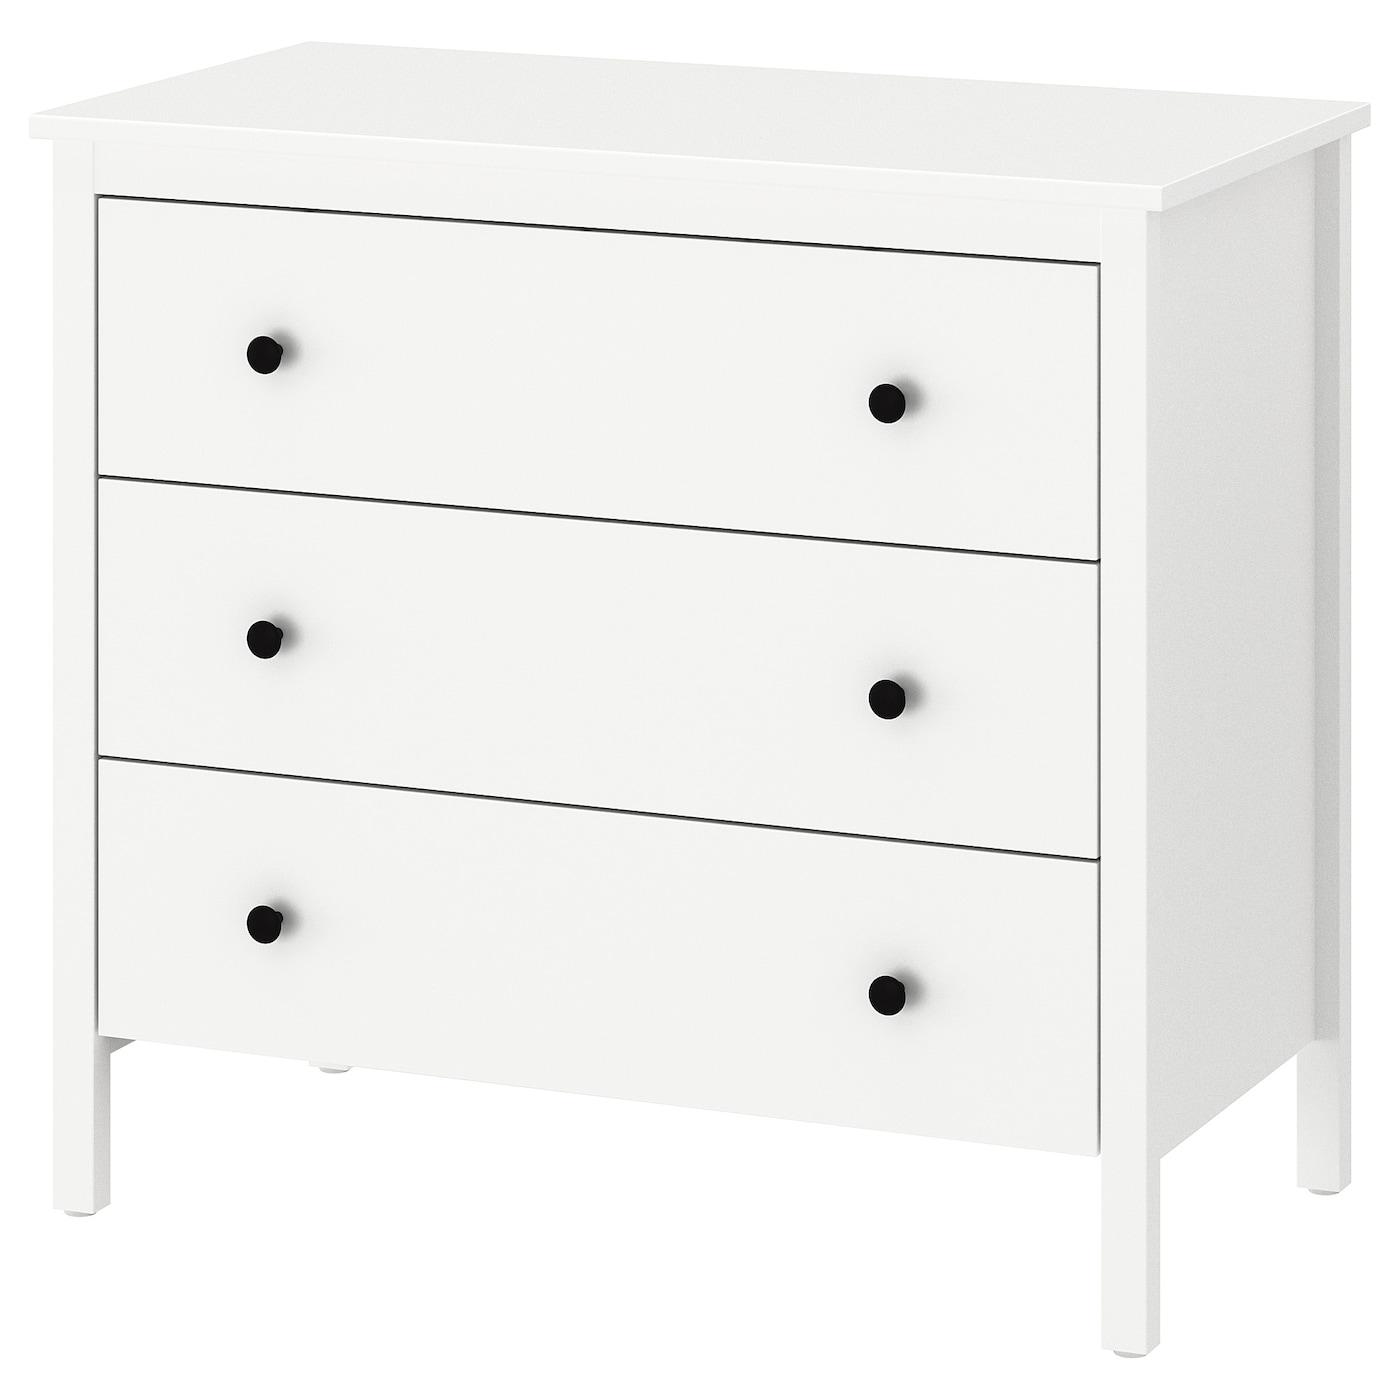 IKEA KOPPANG biała komoda z trzema szufladami, 90x83 cm